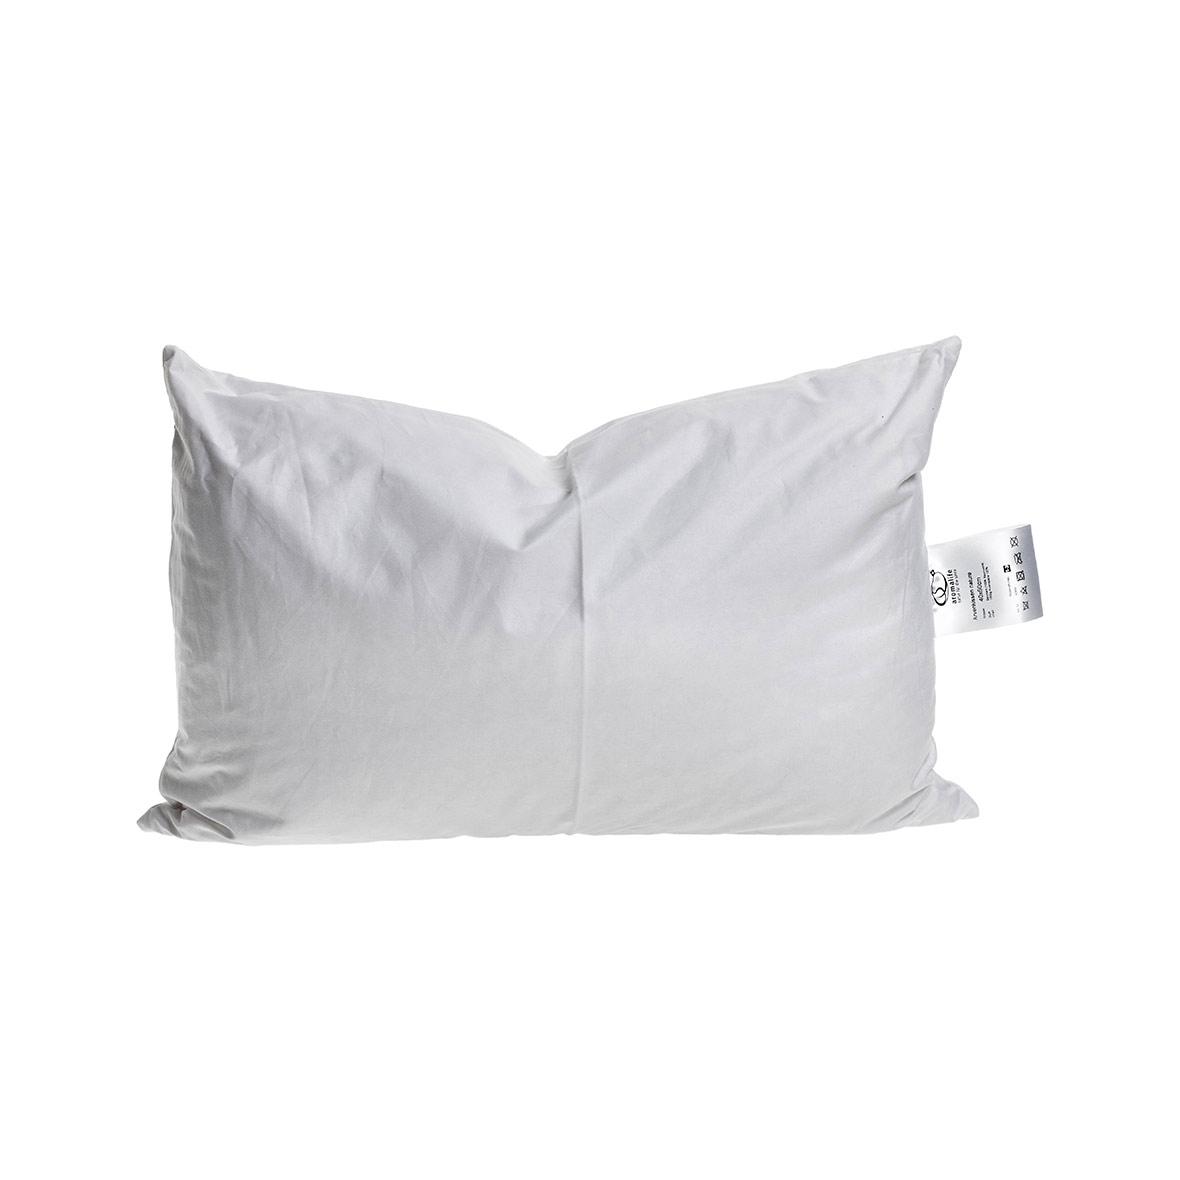 Arvenkissen 40 x 60 cm - 100% Baumwolle - weiss